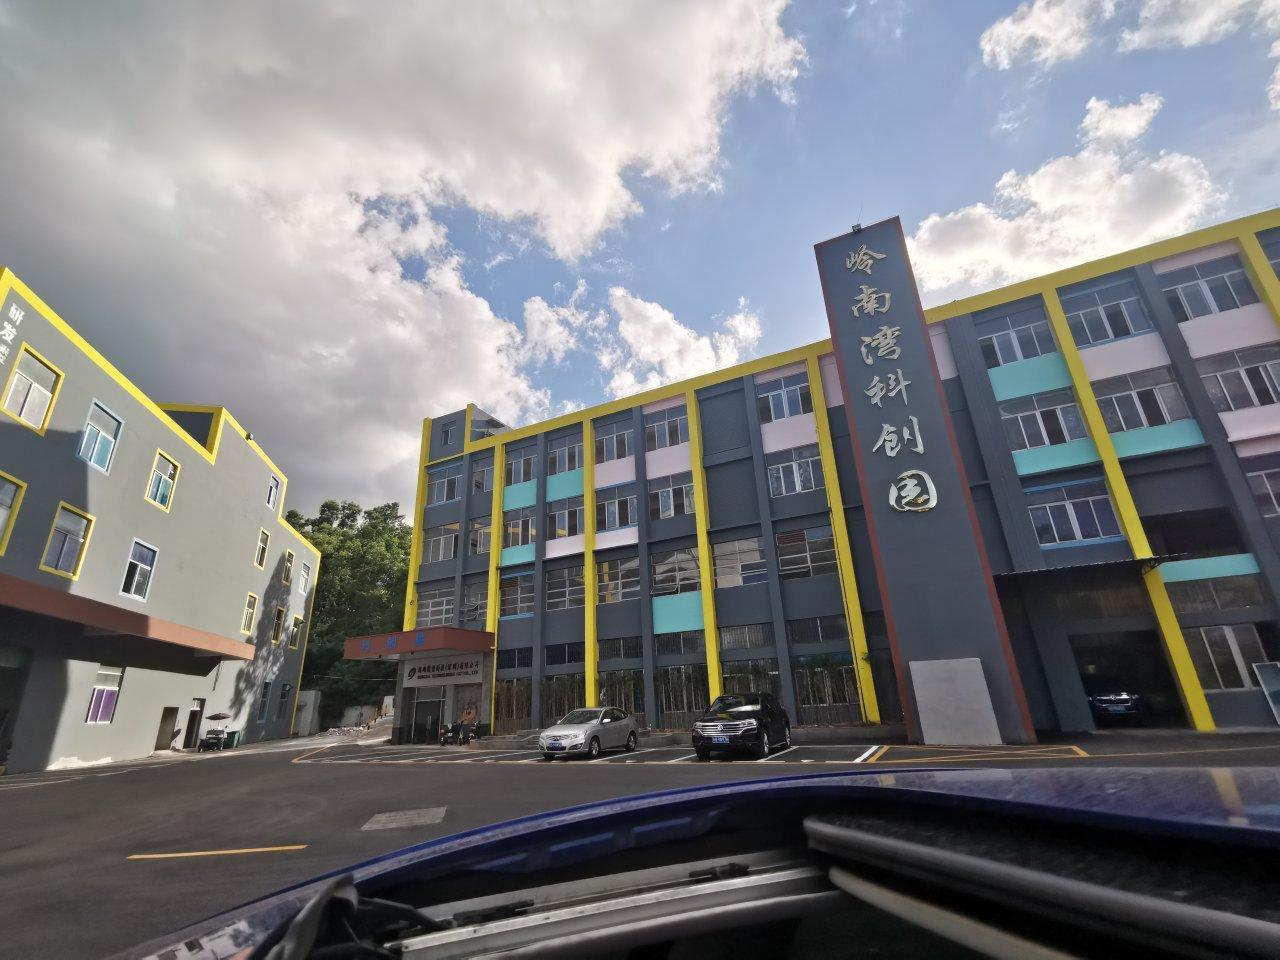 出租龙华上横朗工业区整厂房仓库5万平出租园区环境好500平分